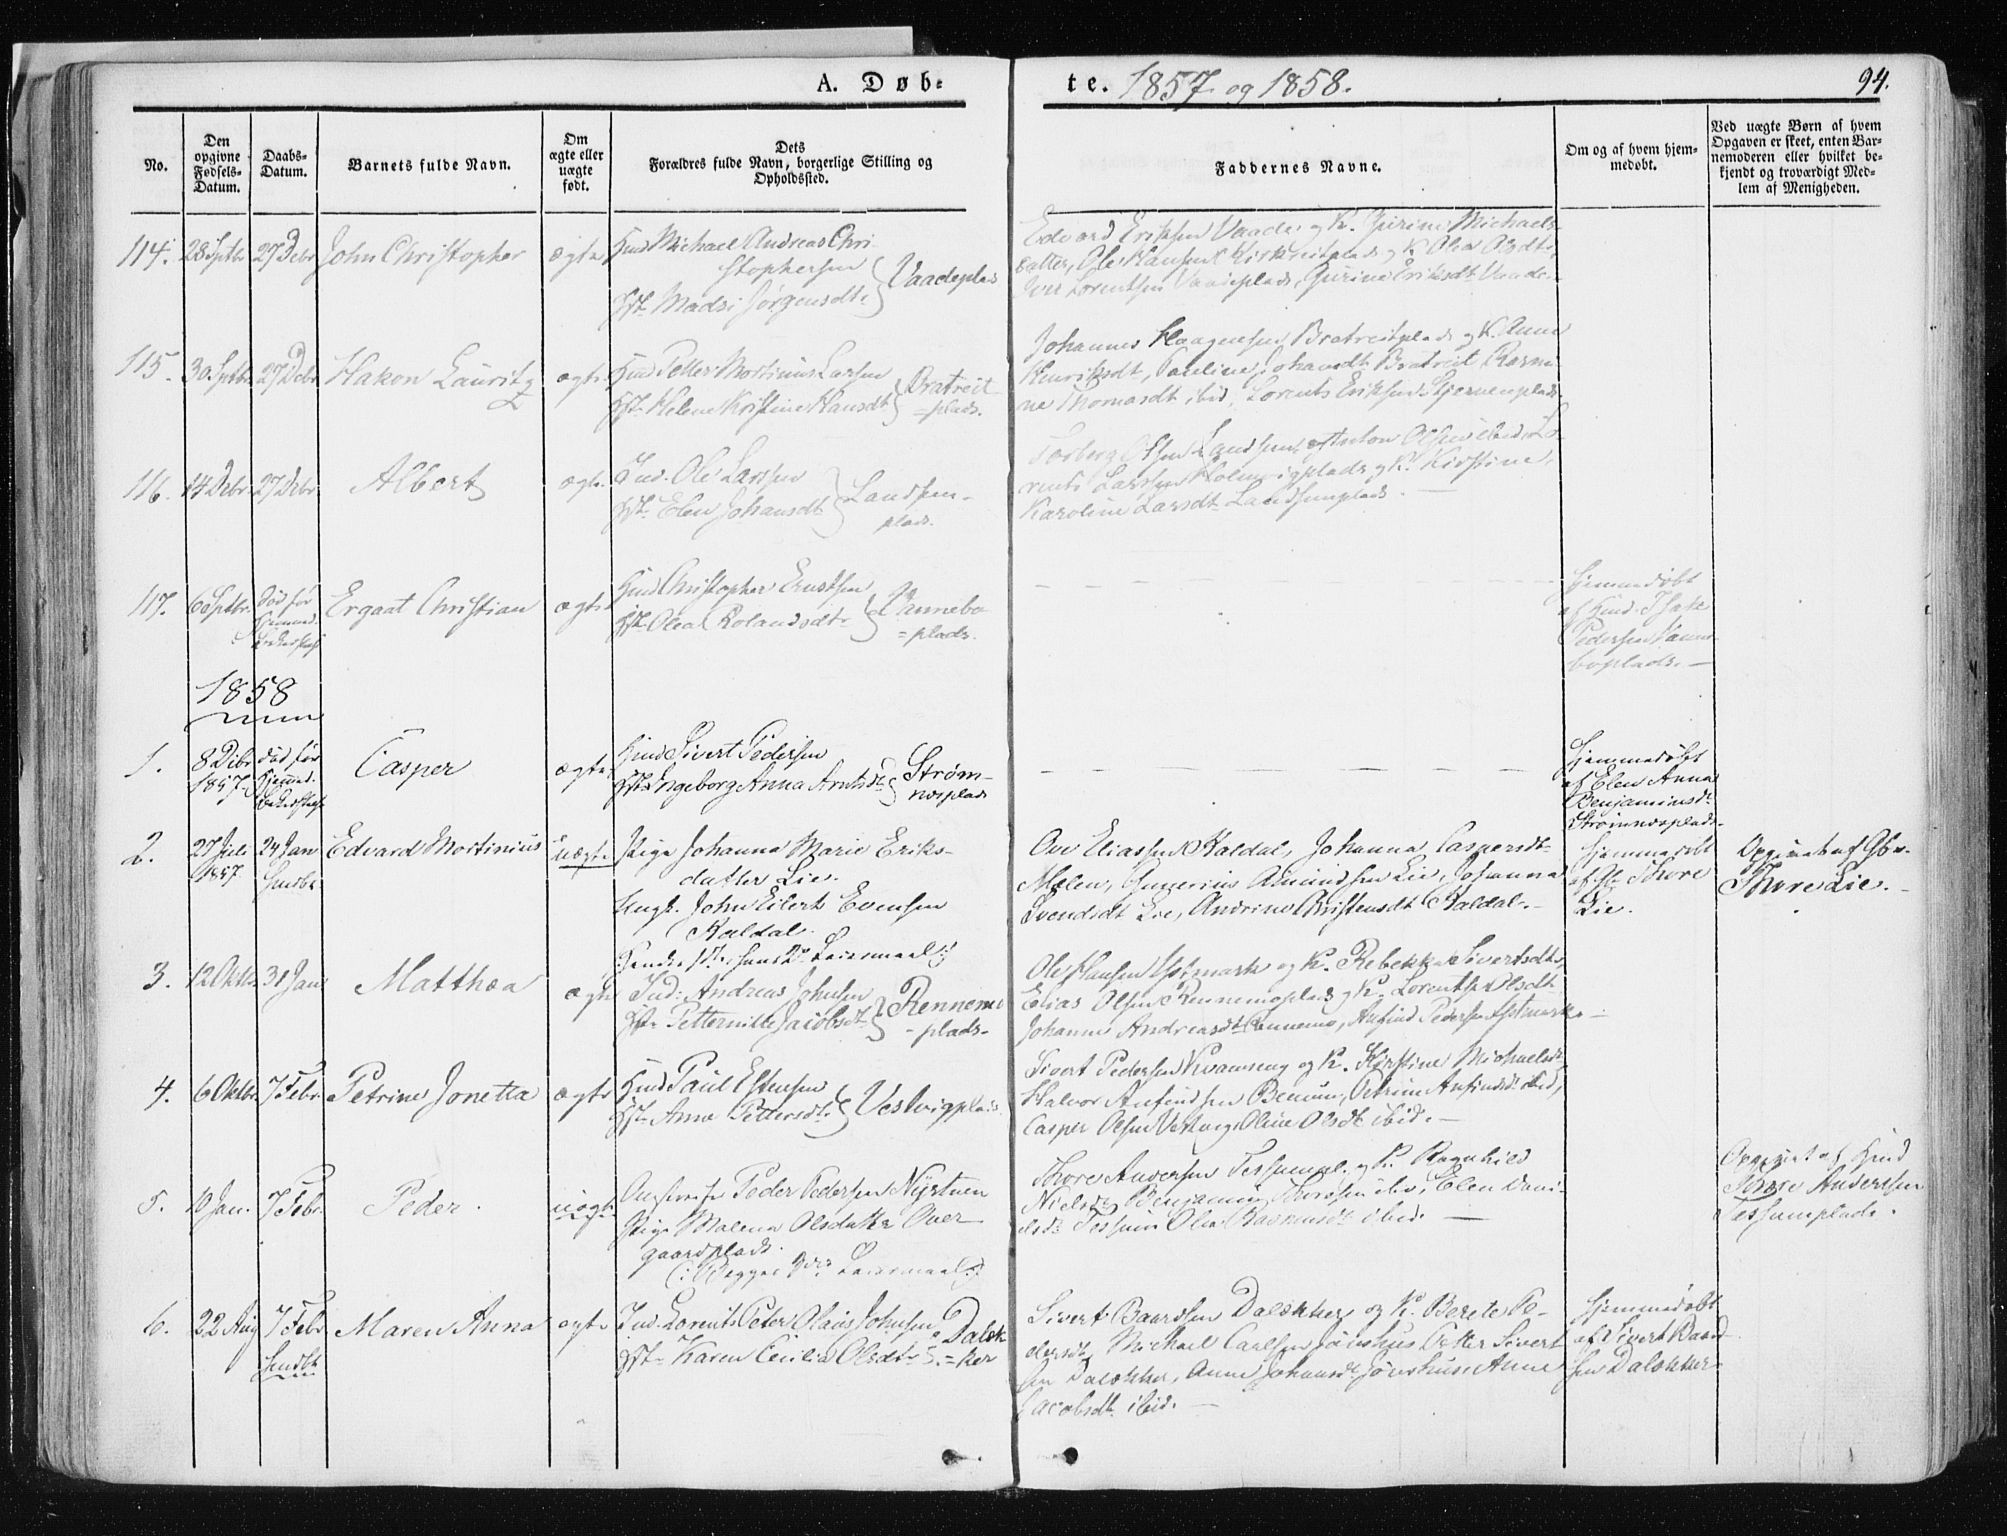 SAT, Ministerialprotokoller, klokkerbøker og fødselsregistre - Nord-Trøndelag, 741/L0393: Ministerialbok nr. 741A07, 1849-1863, s. 94